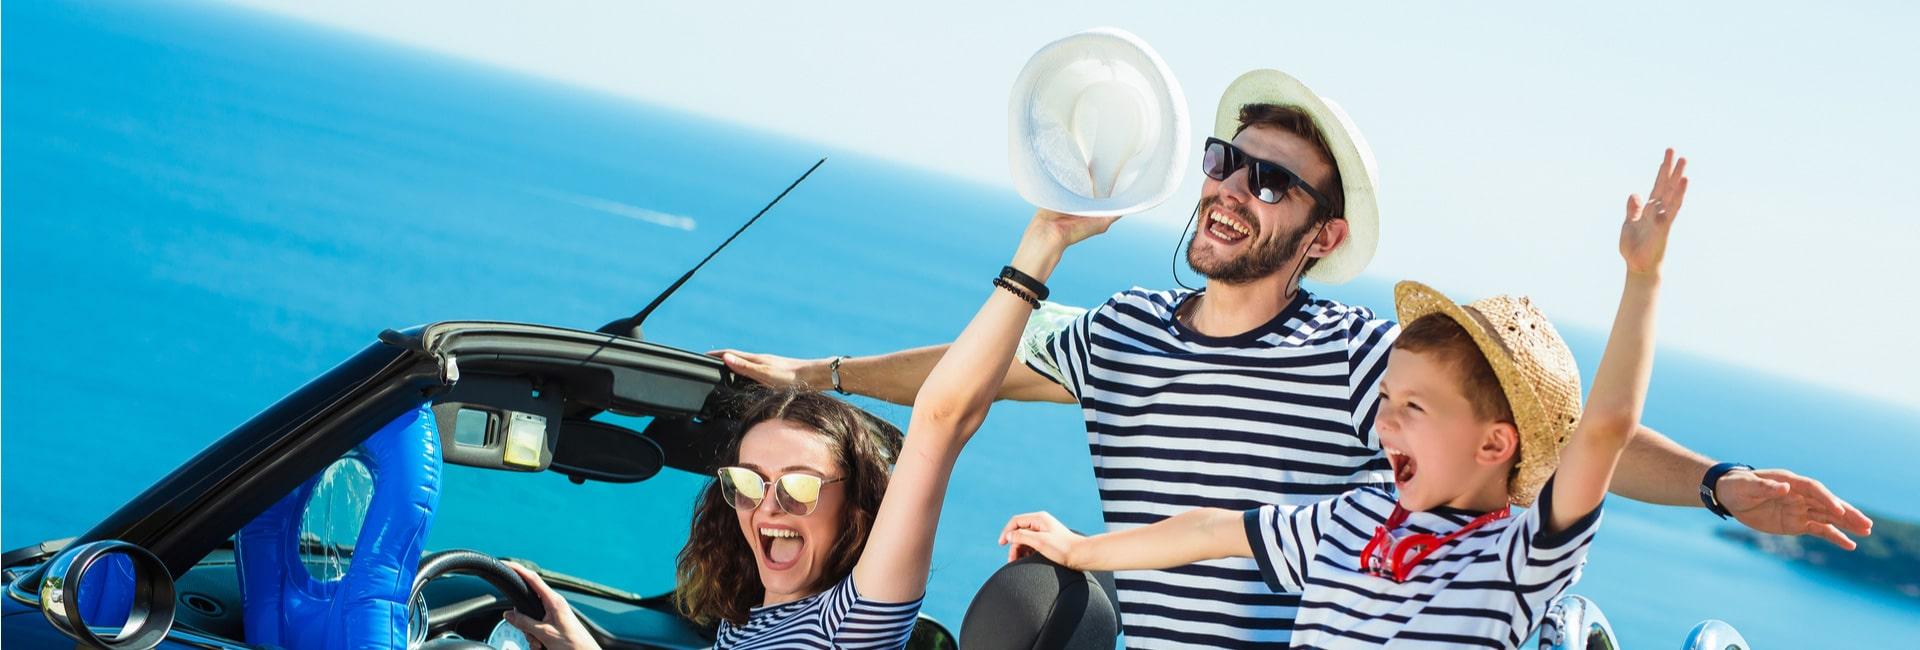 Puerto vallarta transportation tips